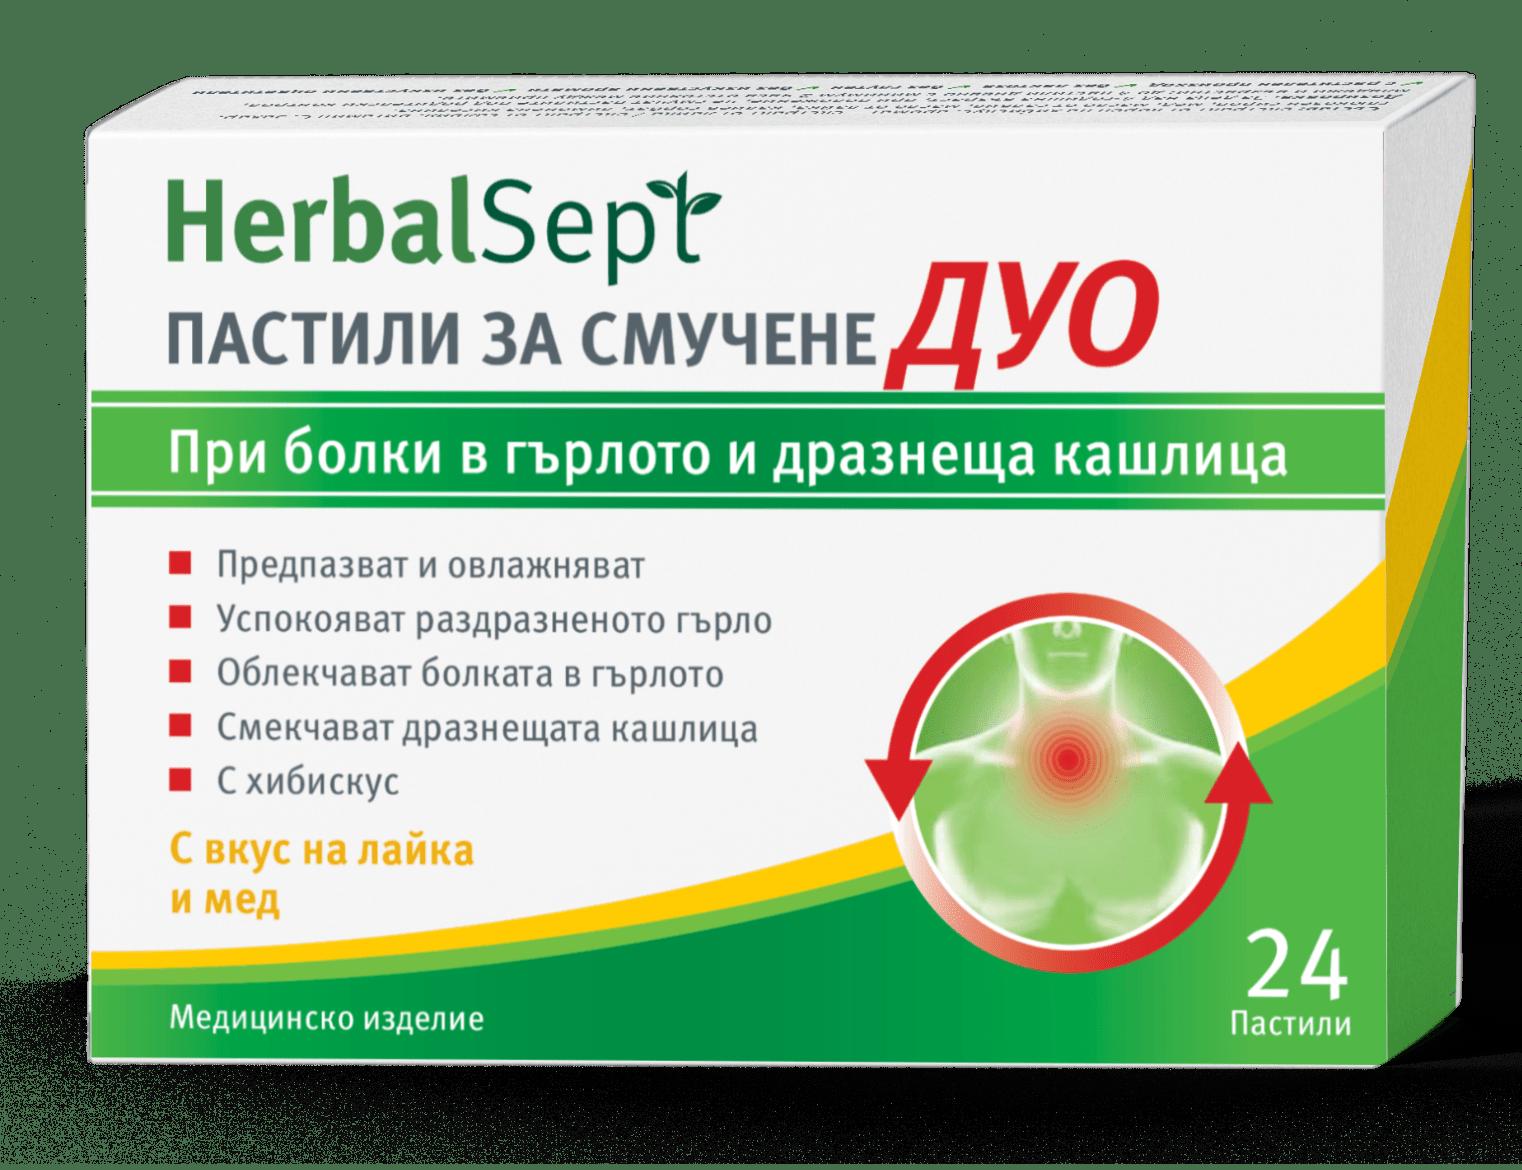 HerbalSept ПАСТИЛИ ЗА СМУЧЕНЕ Дуо с вкус на лайка и мед